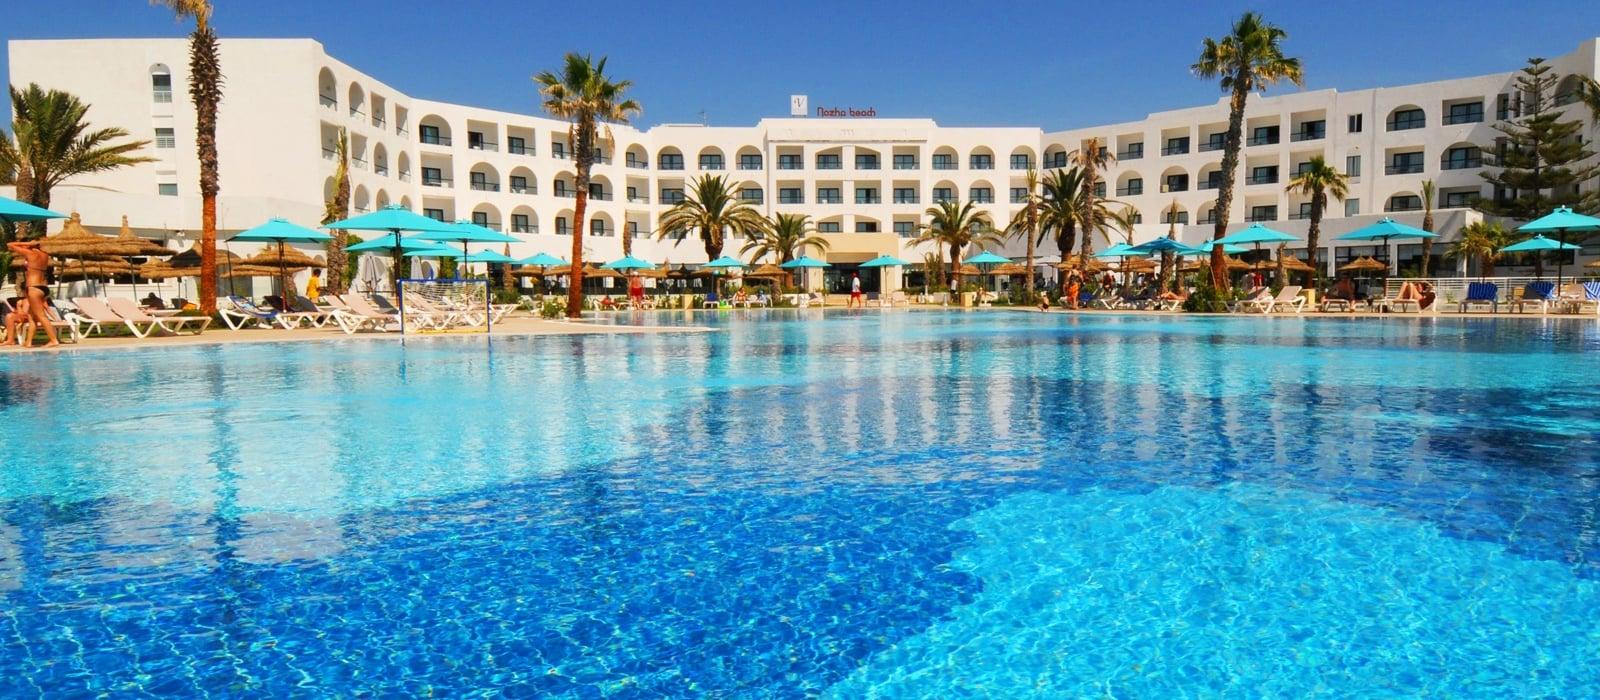 Indoor Swimming Pool - Hamammet Nozha Beach Hotel